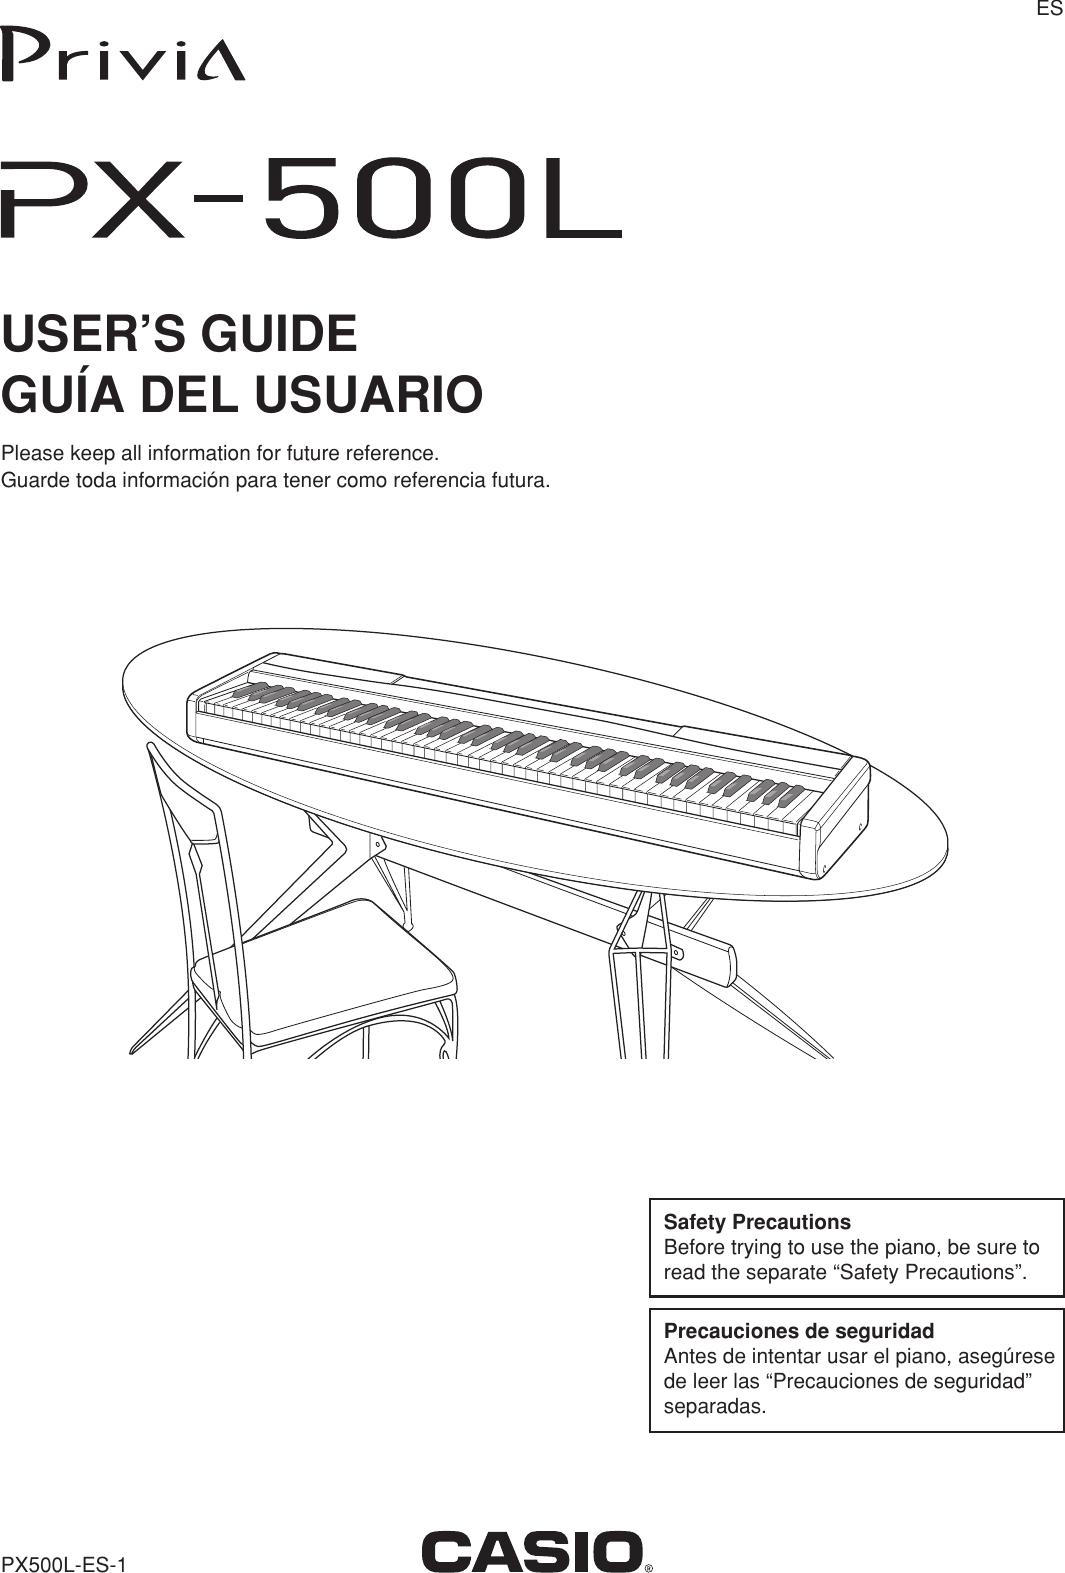 Casio Px500L Users Manual